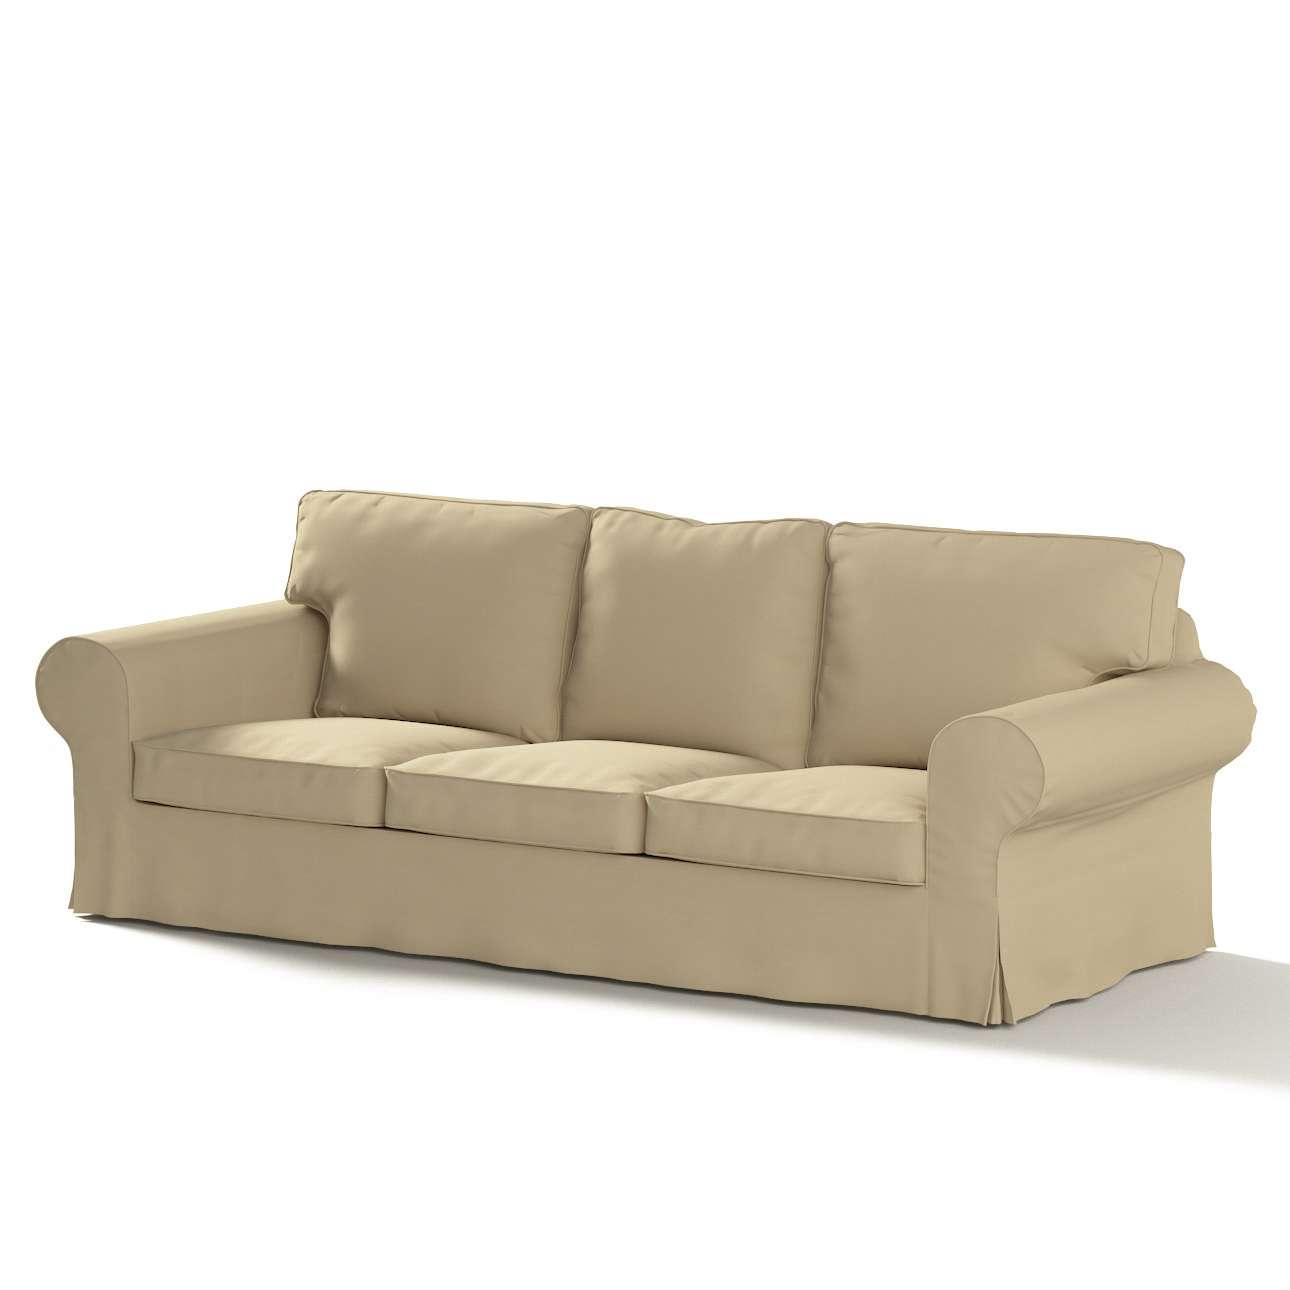 Pokrowiec na sofę Ektorp 3-osobową, rozkładaną NOWY MODEL 2013 Ektorp 3-os rozkładany nowy model 2013 w kolekcji Cotton Panama, tkanina: 702-01